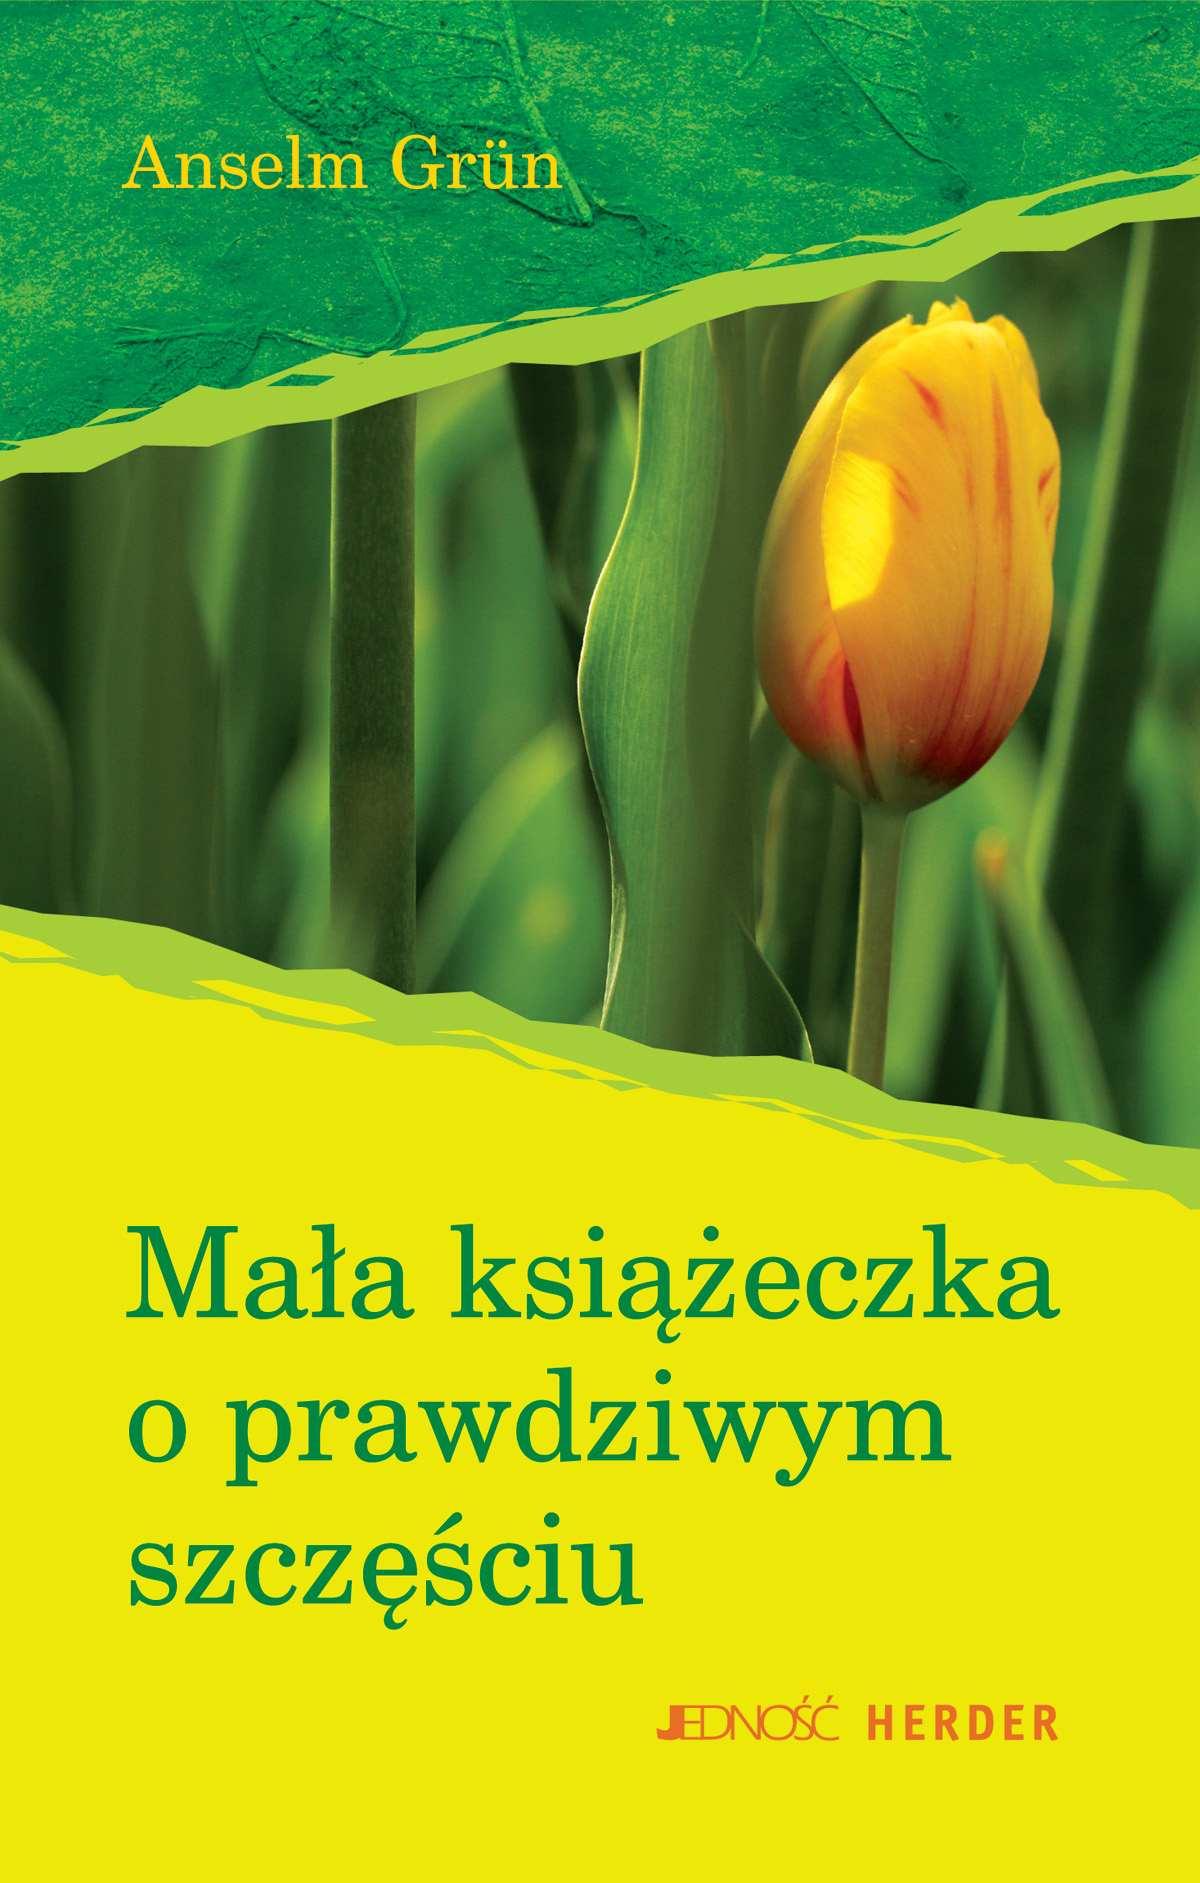 Mała książeczka o prawdziwym szczęściu - Ebook (Książka na Kindle) do pobrania w formacie MOBI